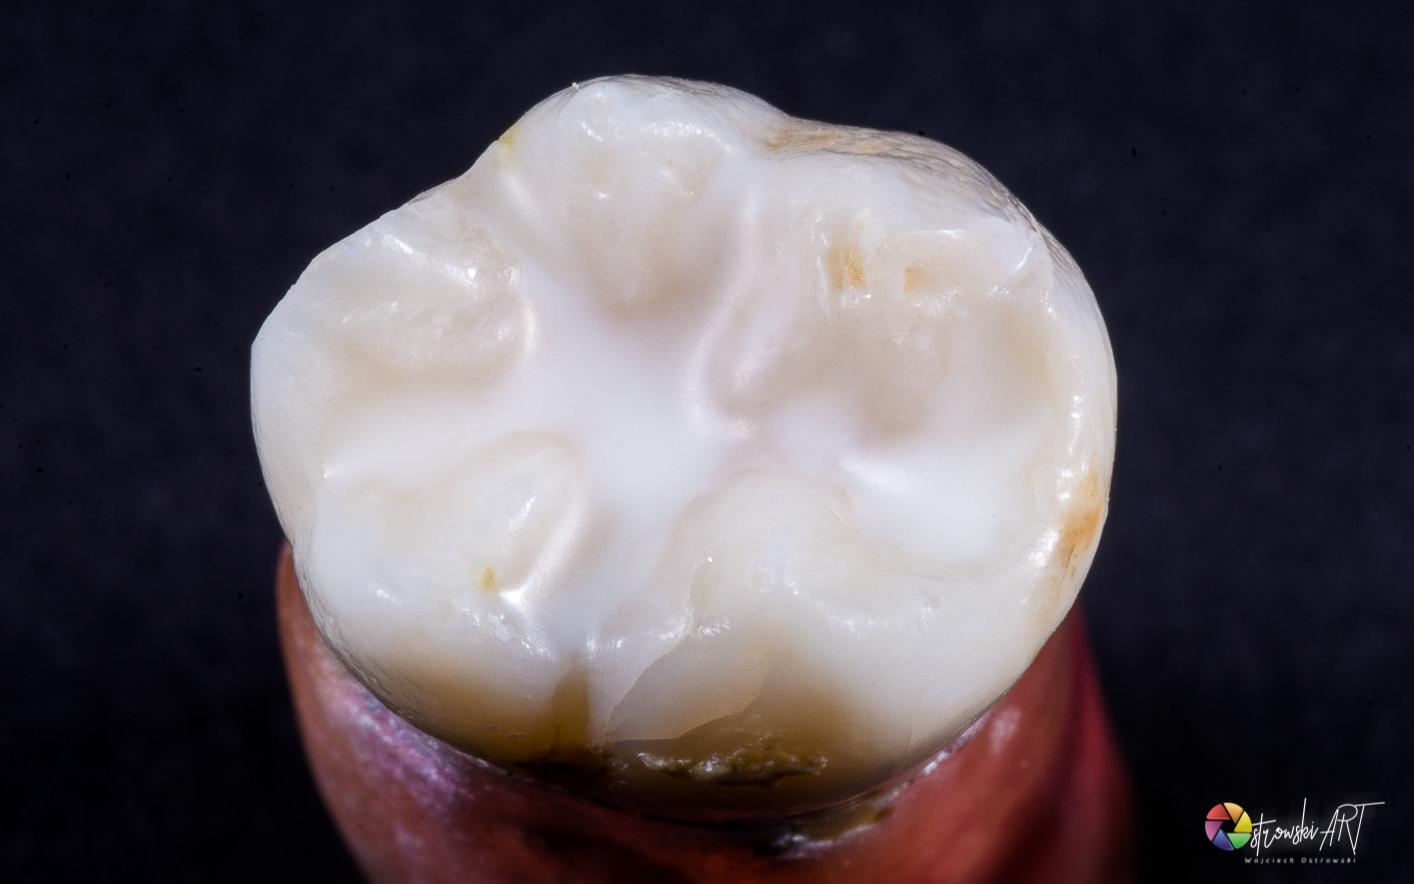 Lakowanie i lakierowanie – profilaktyka stomatologiczna